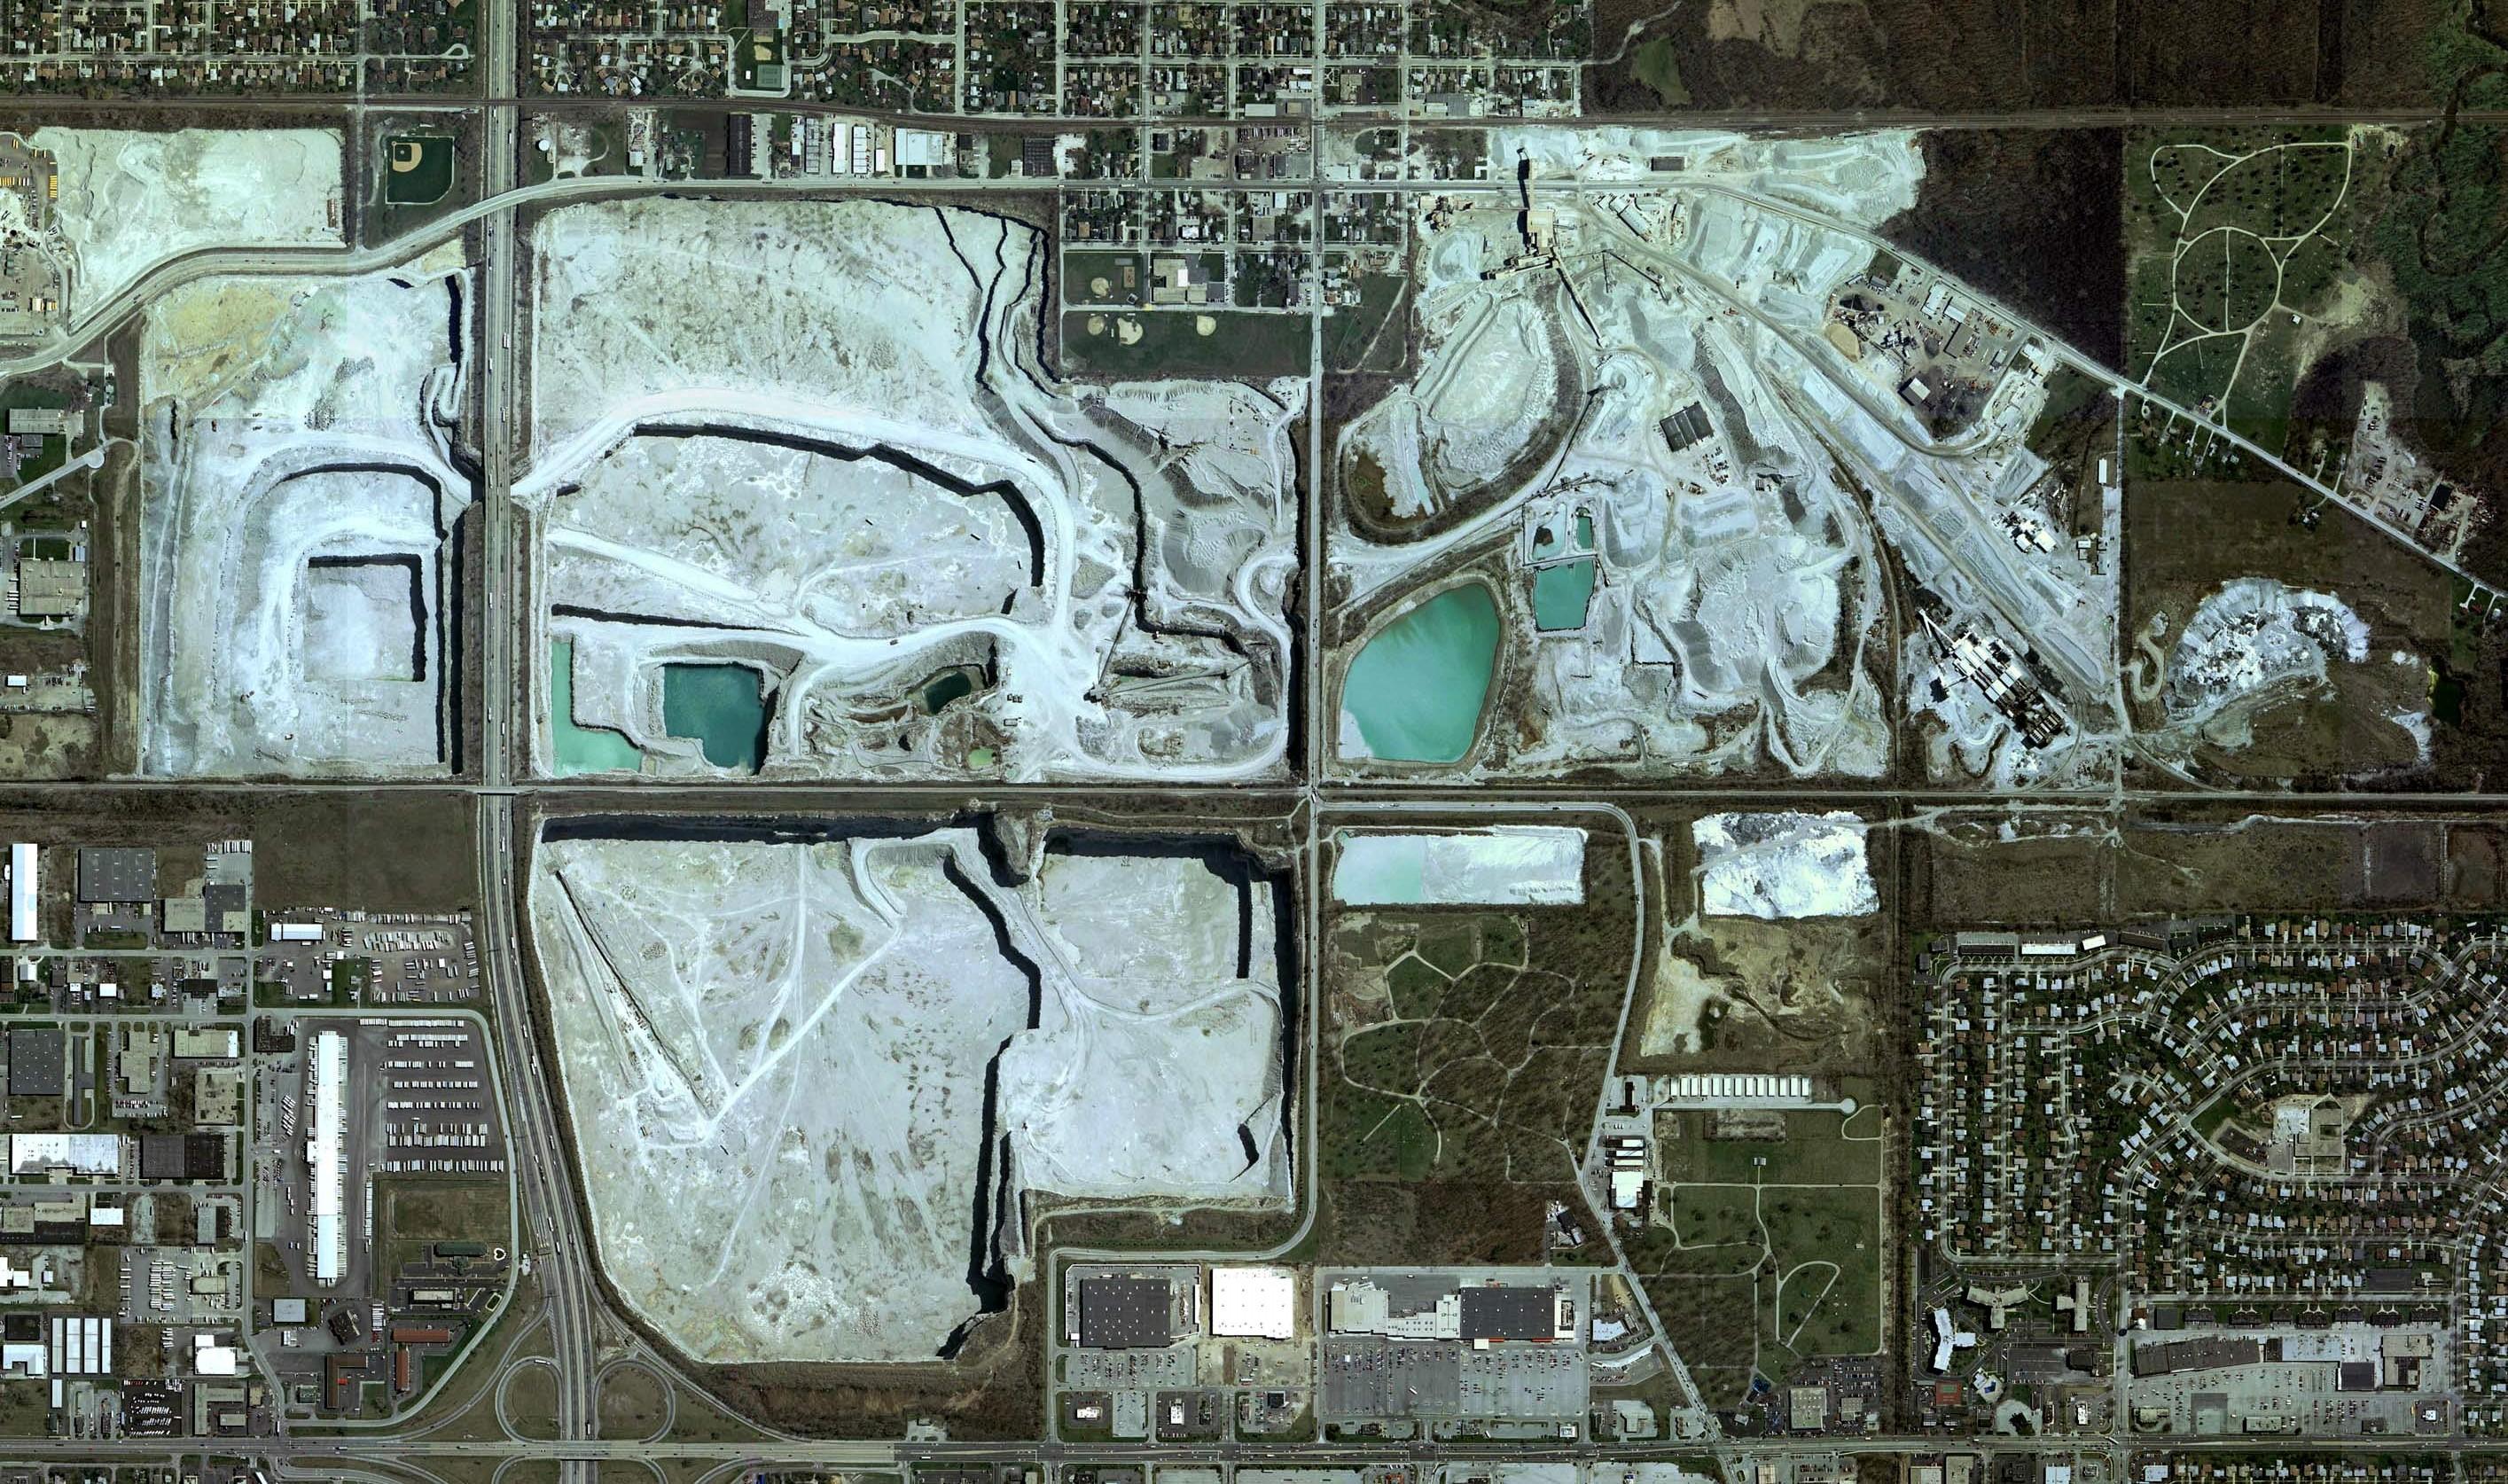 Photo courtesy of United States Geological Survey via wikimedia